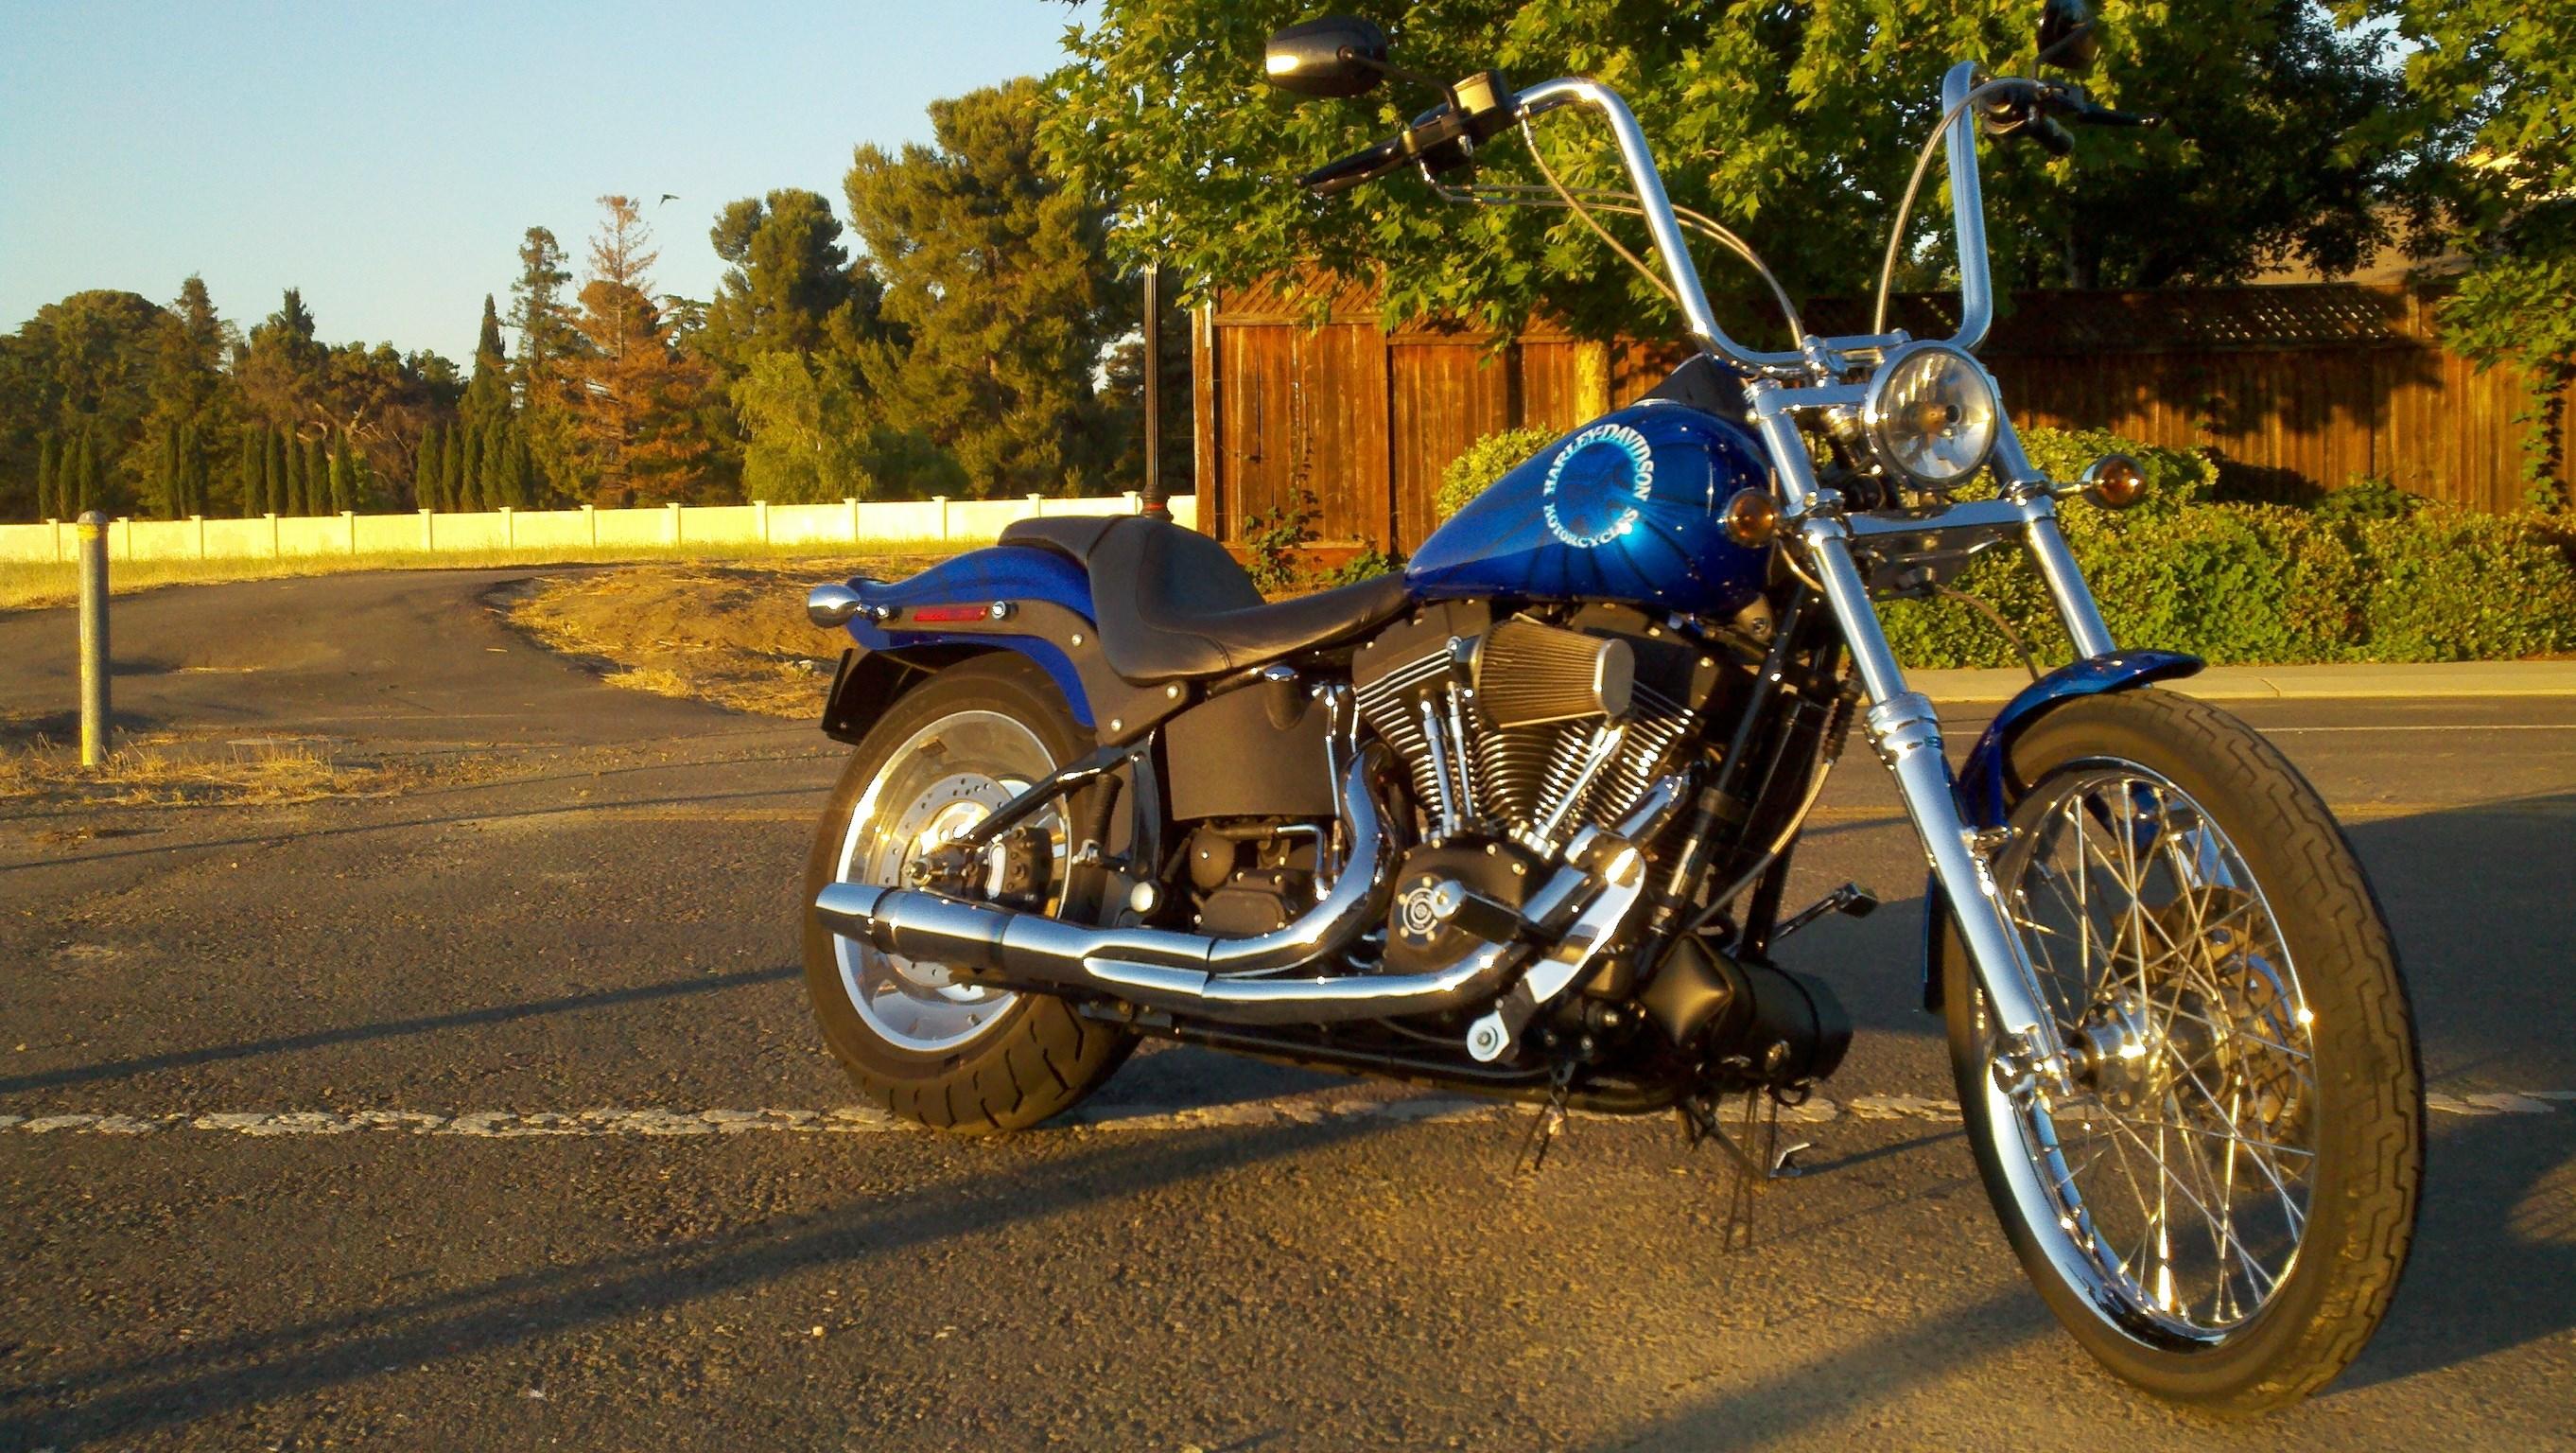 2006 Harley Davidson 174 Fxstb I Softail 174 Night Train